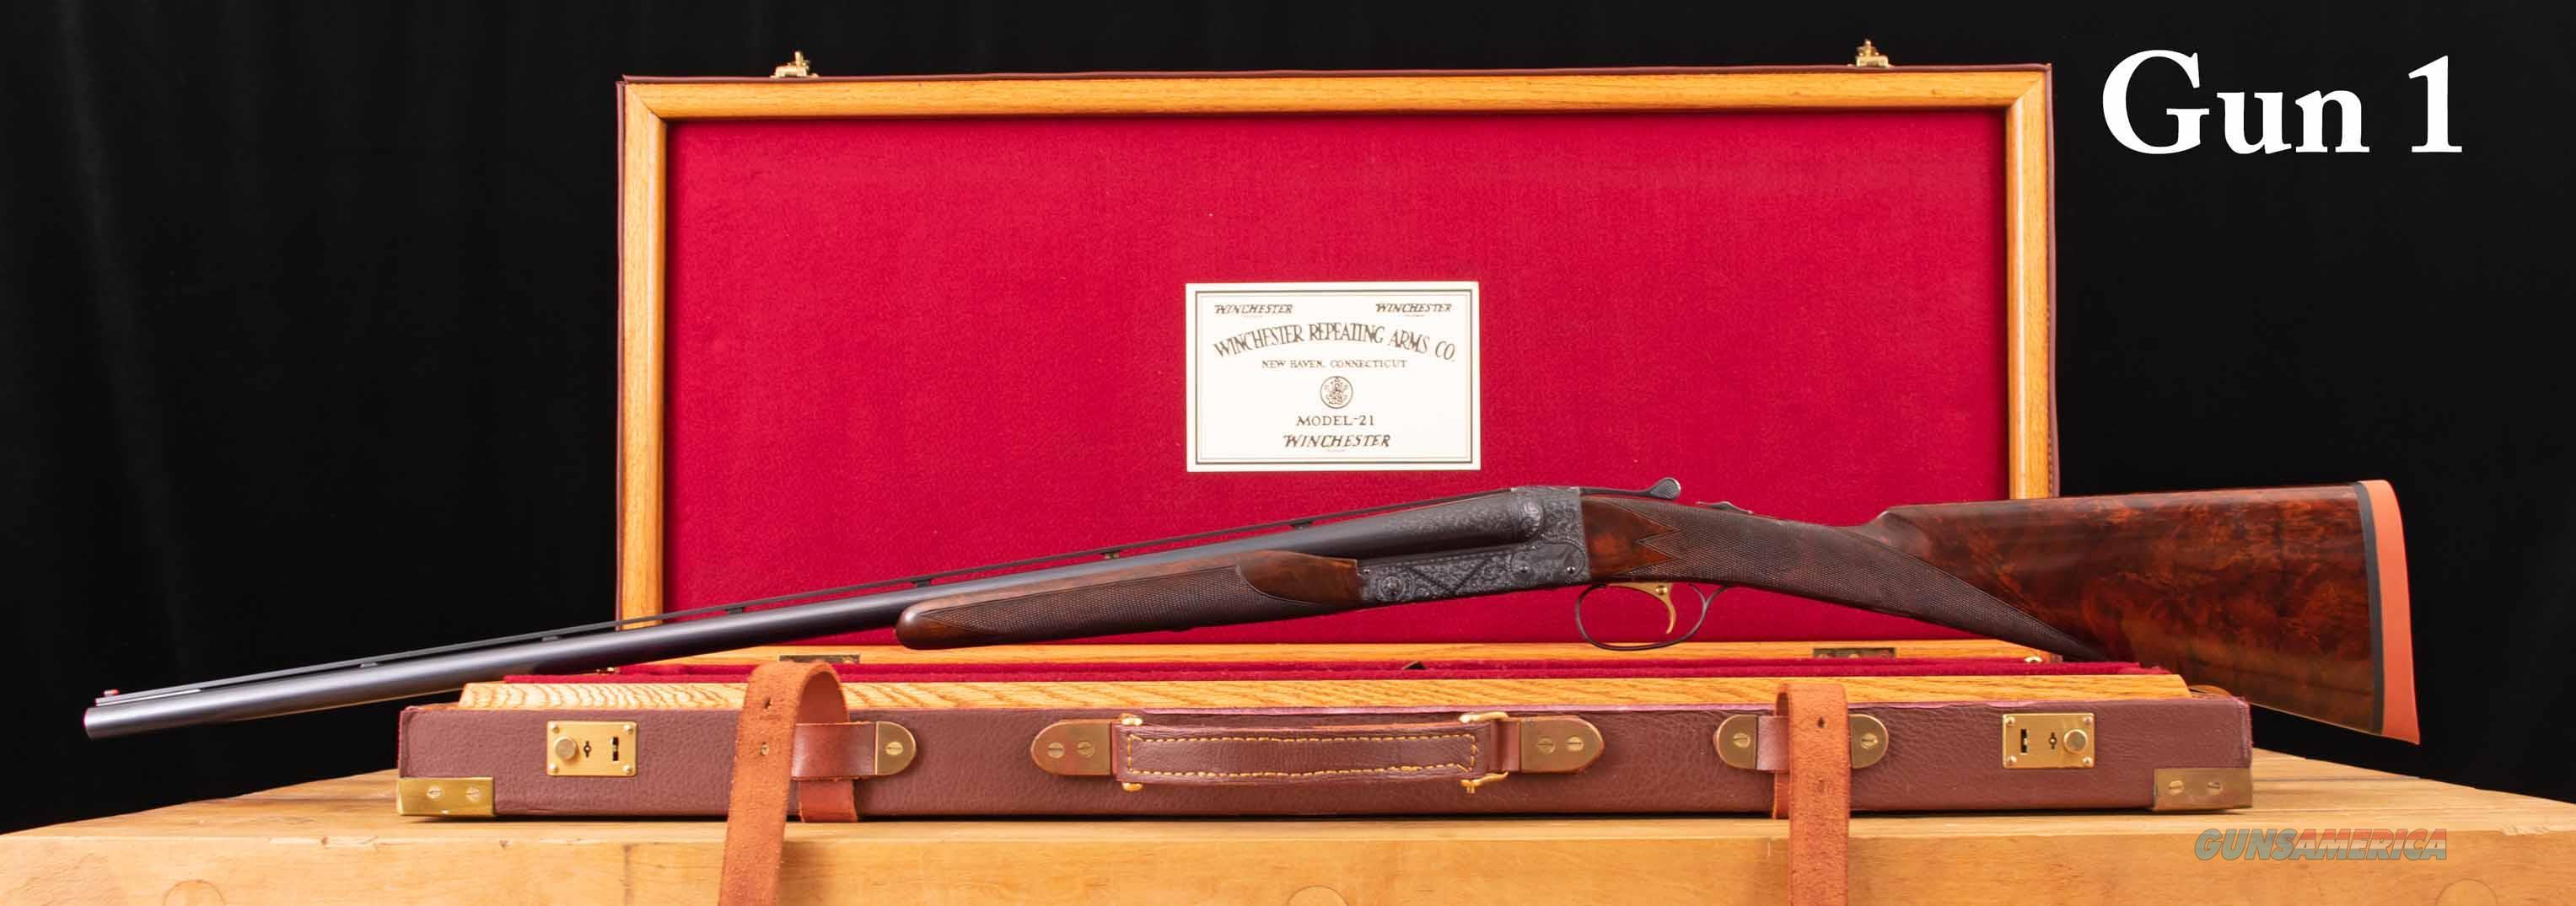 Winchester M21 16 Gauge – CSMC, BEST ENGRAVING, PIGEON GRADE, vintage firearms inc  Guns > Shotguns > Winchester Shotguns - Modern > SxS